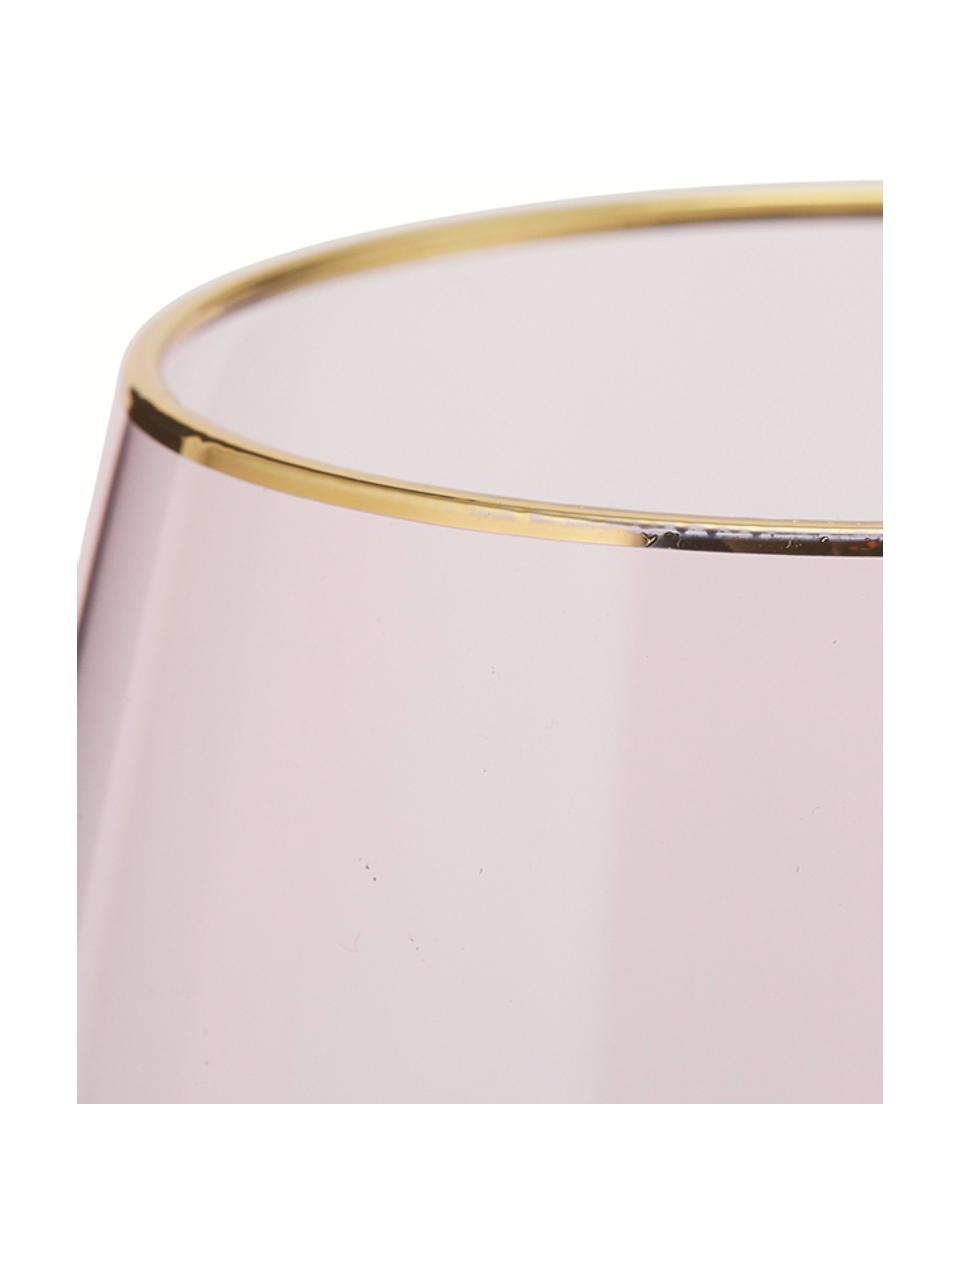 Wassergläser Chloe in Rosa mit Goldrand, 4 Stück, Glas, Pfirsichfarben, Goldfarben, Ø 9 x H 12 cm